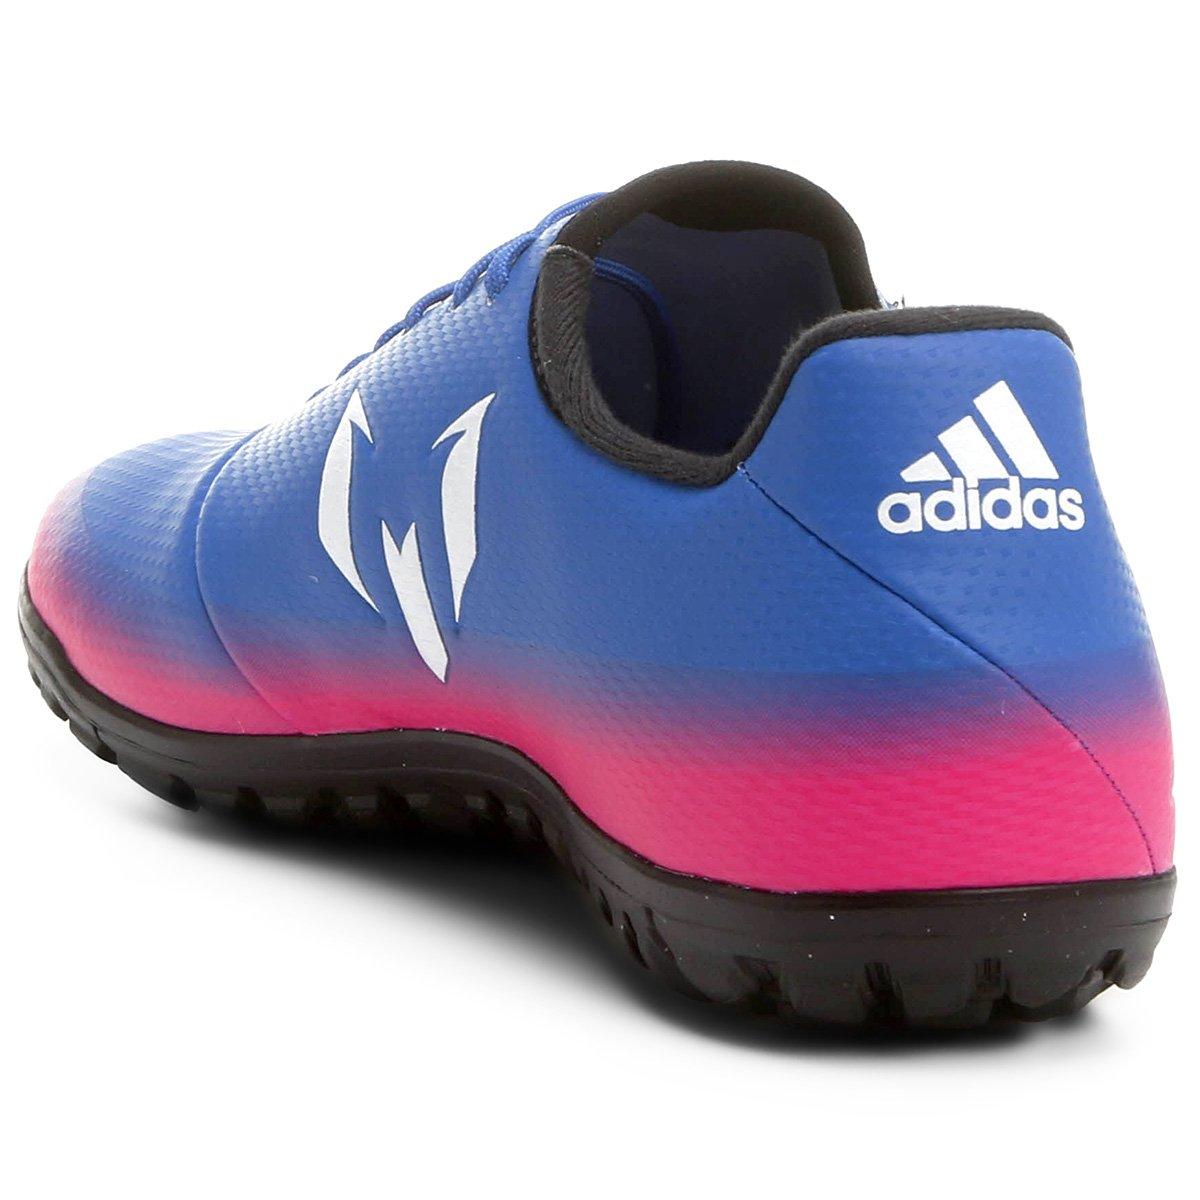 Chuteira Society Adidas Messi 16.3 TF - Azul e Pink - Compre Agora ... 915855c17477a